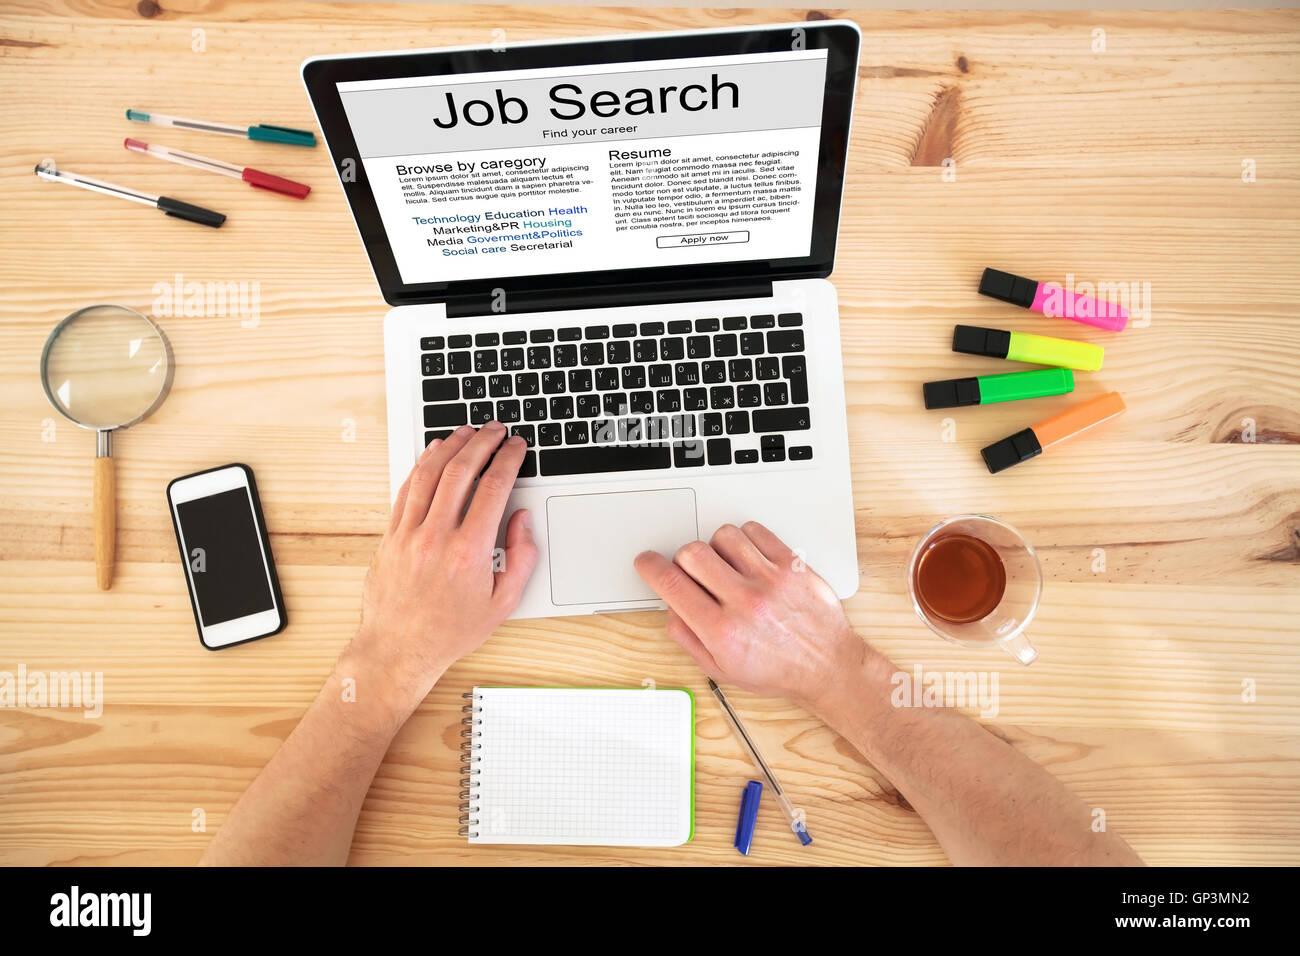 Buscar trabajo en internet, encontrar carrera Foto de stock